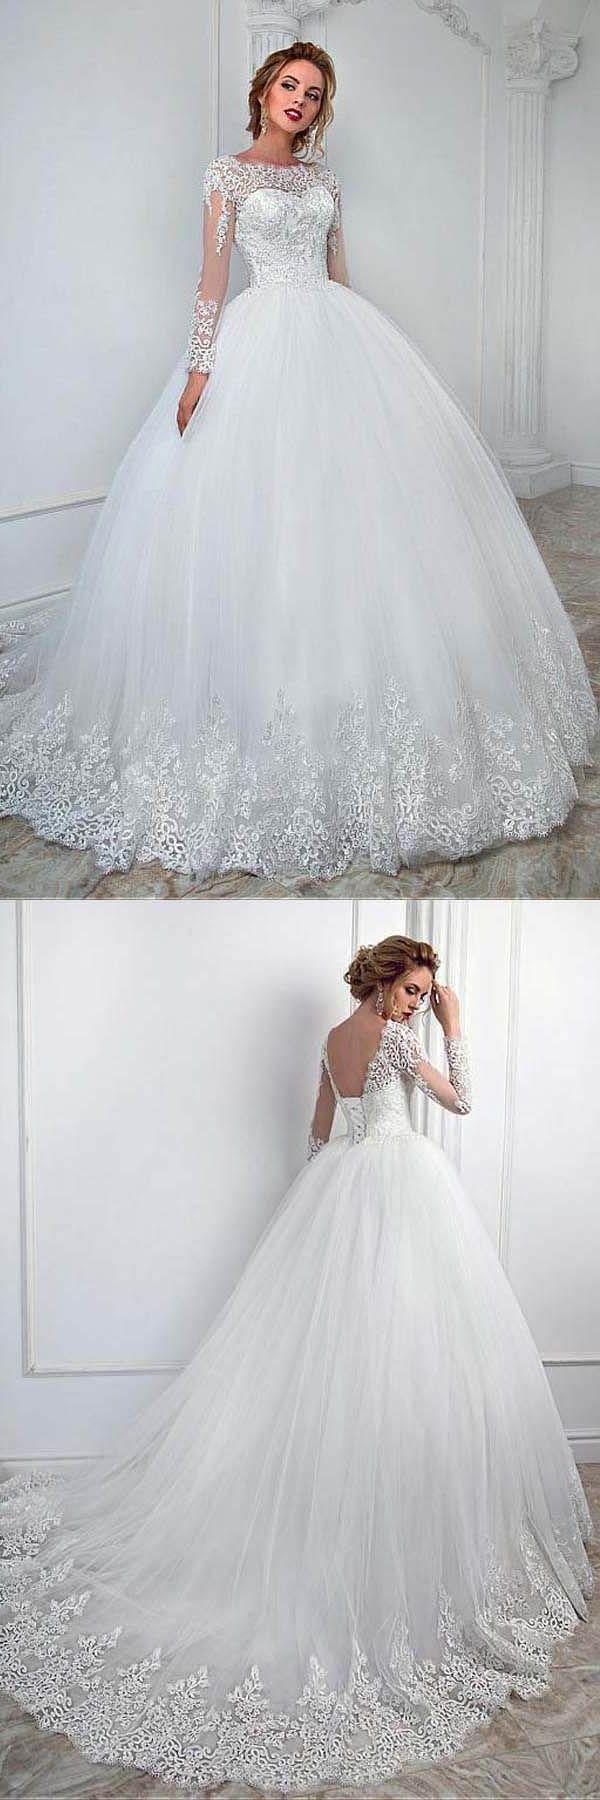 Wedding dresses for cheap weddingdressesforcheap ball gown wedding